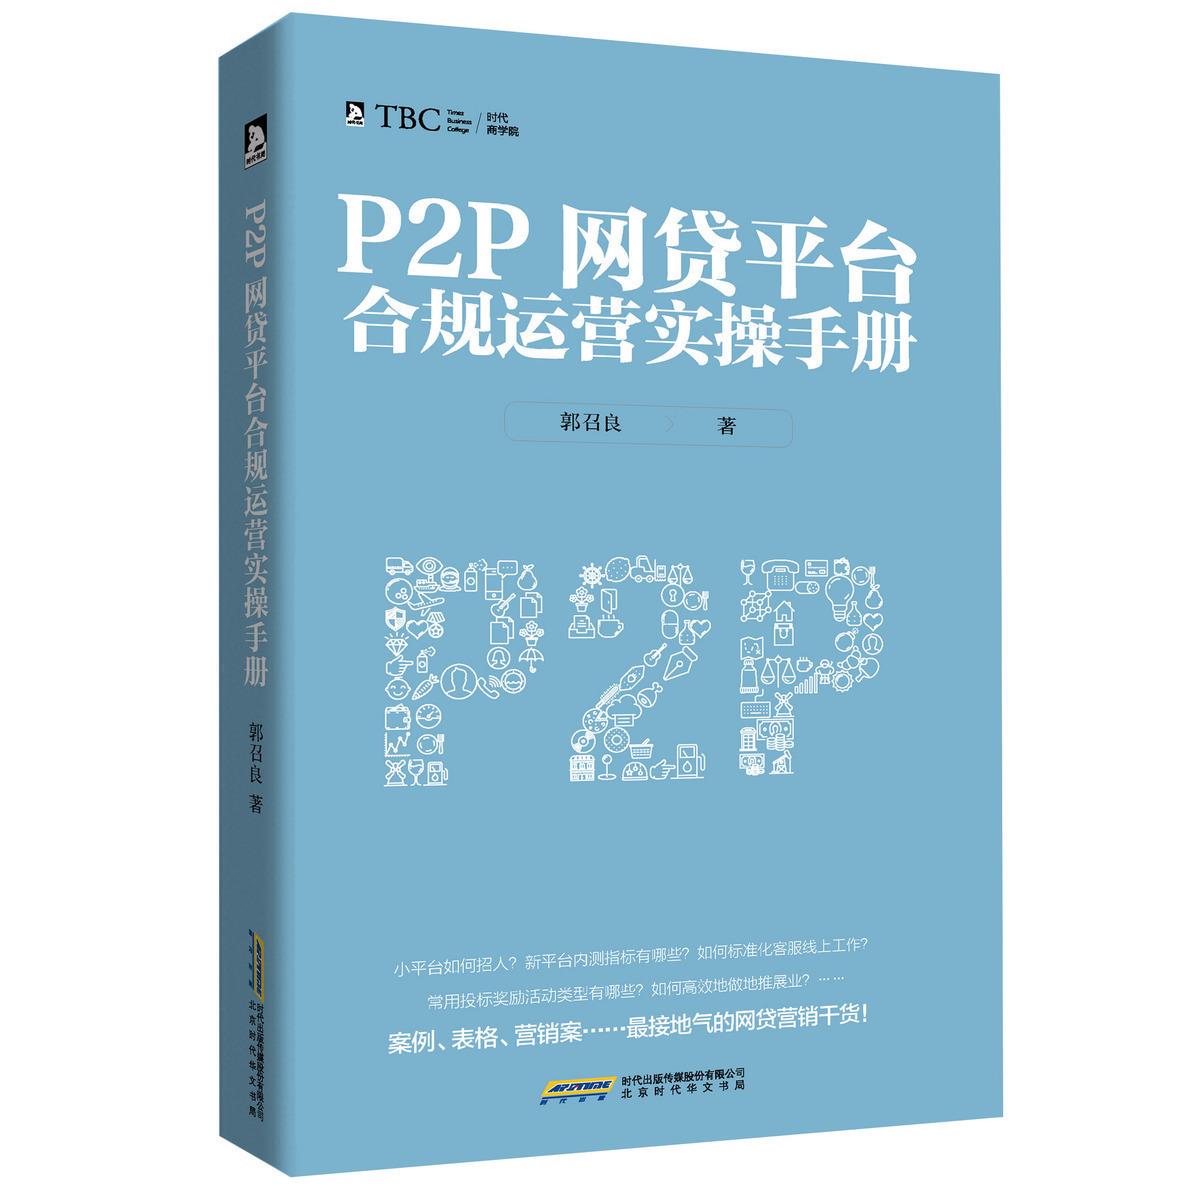 正版现货 P2P网贷平台合规运营实操手册 互联网营销 金融理财书籍 中国式P2P网贷 网络营销 互联网金融P2P书籍畅销经济管理书籍